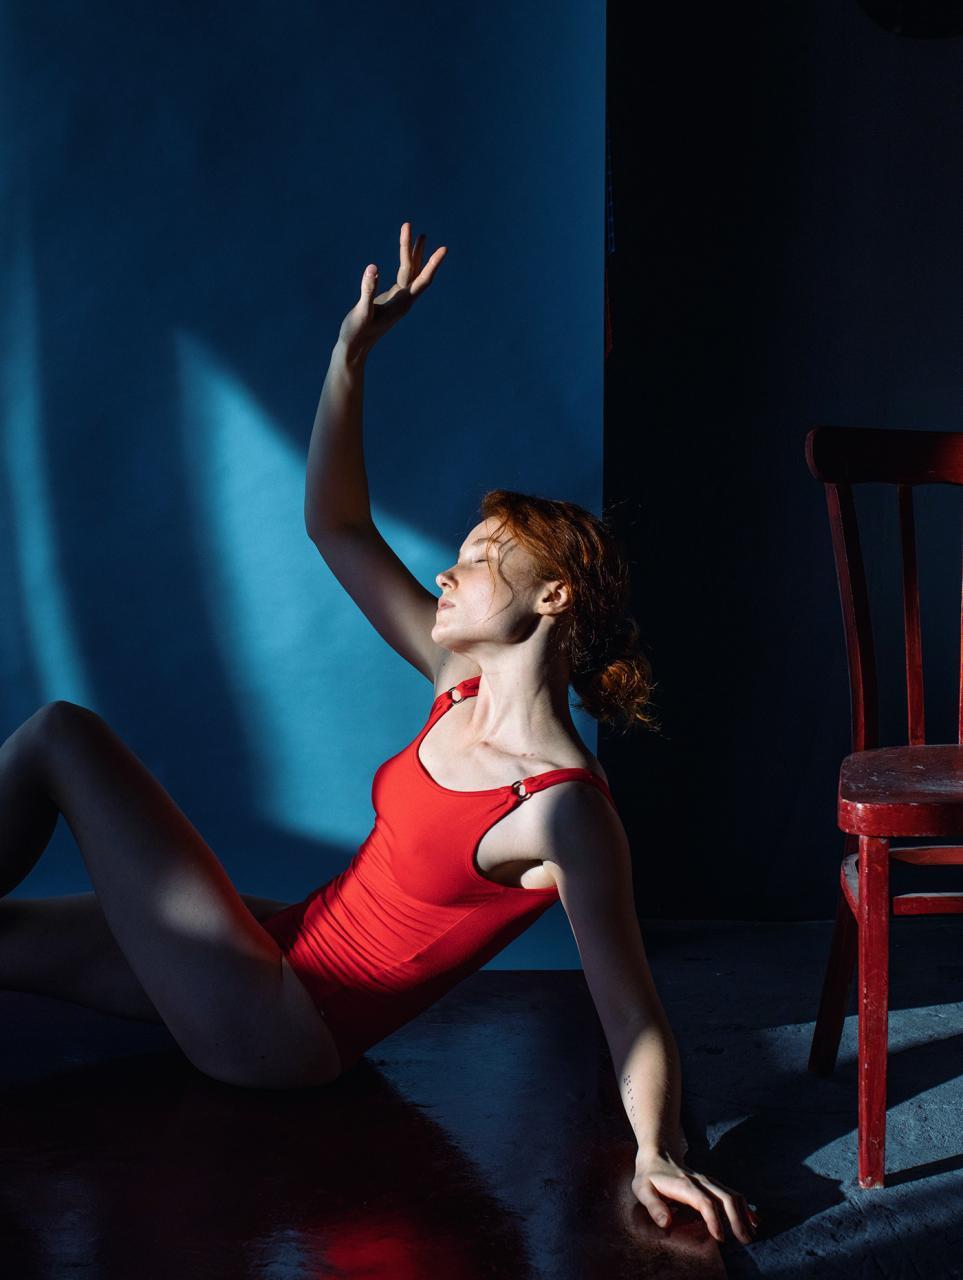 乌克兰摄影史 Marta Syrko人像作品【red and blue】 时尚图库 第1张